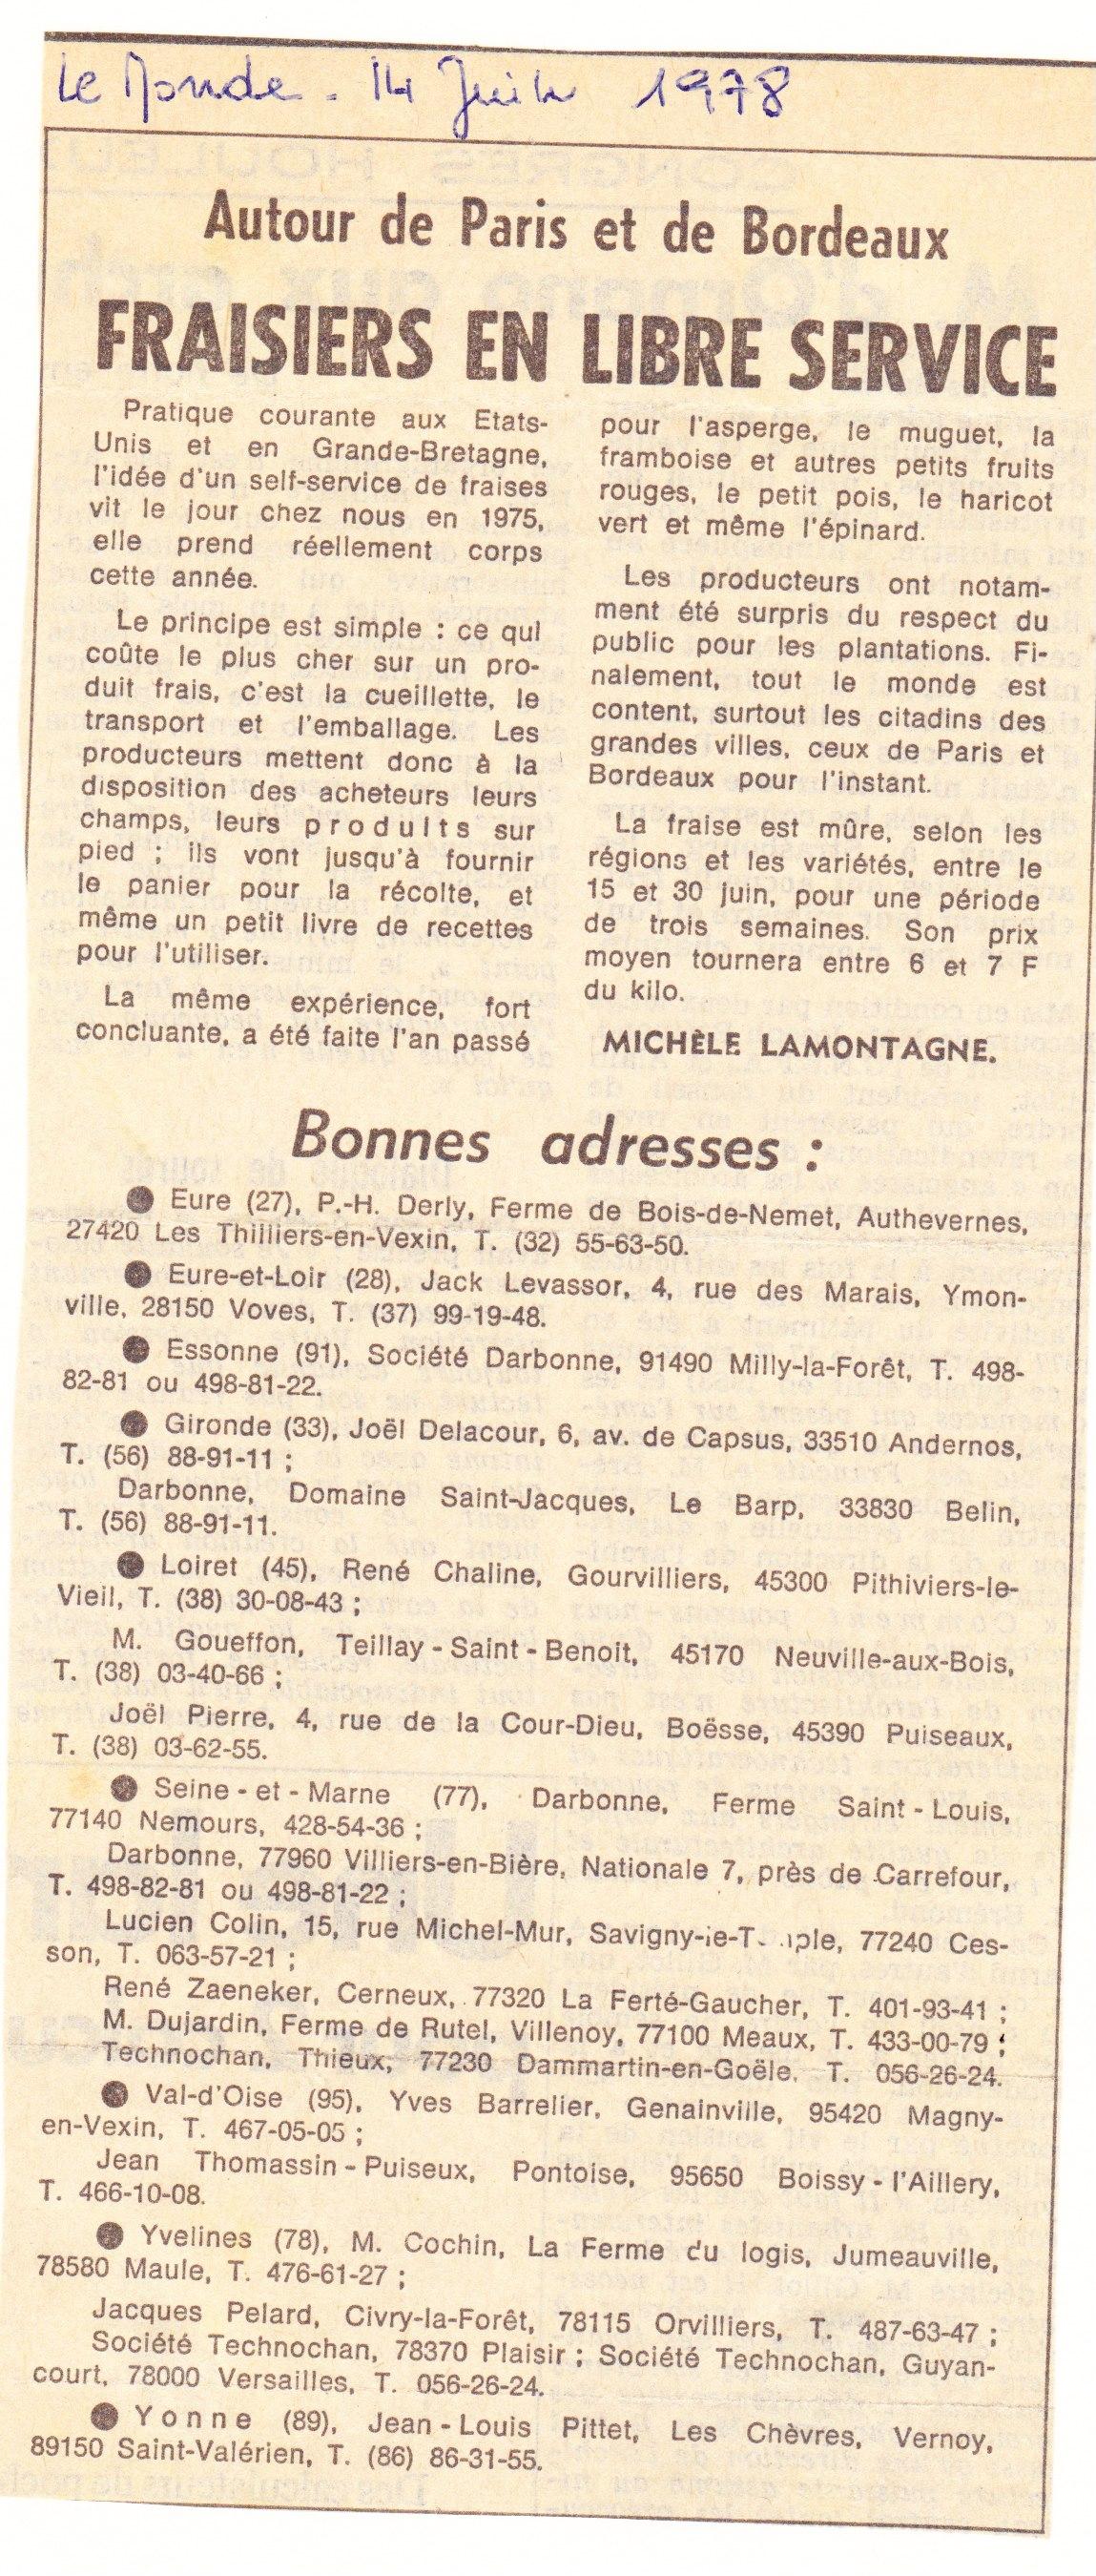 1978 juin : Le Monde 001